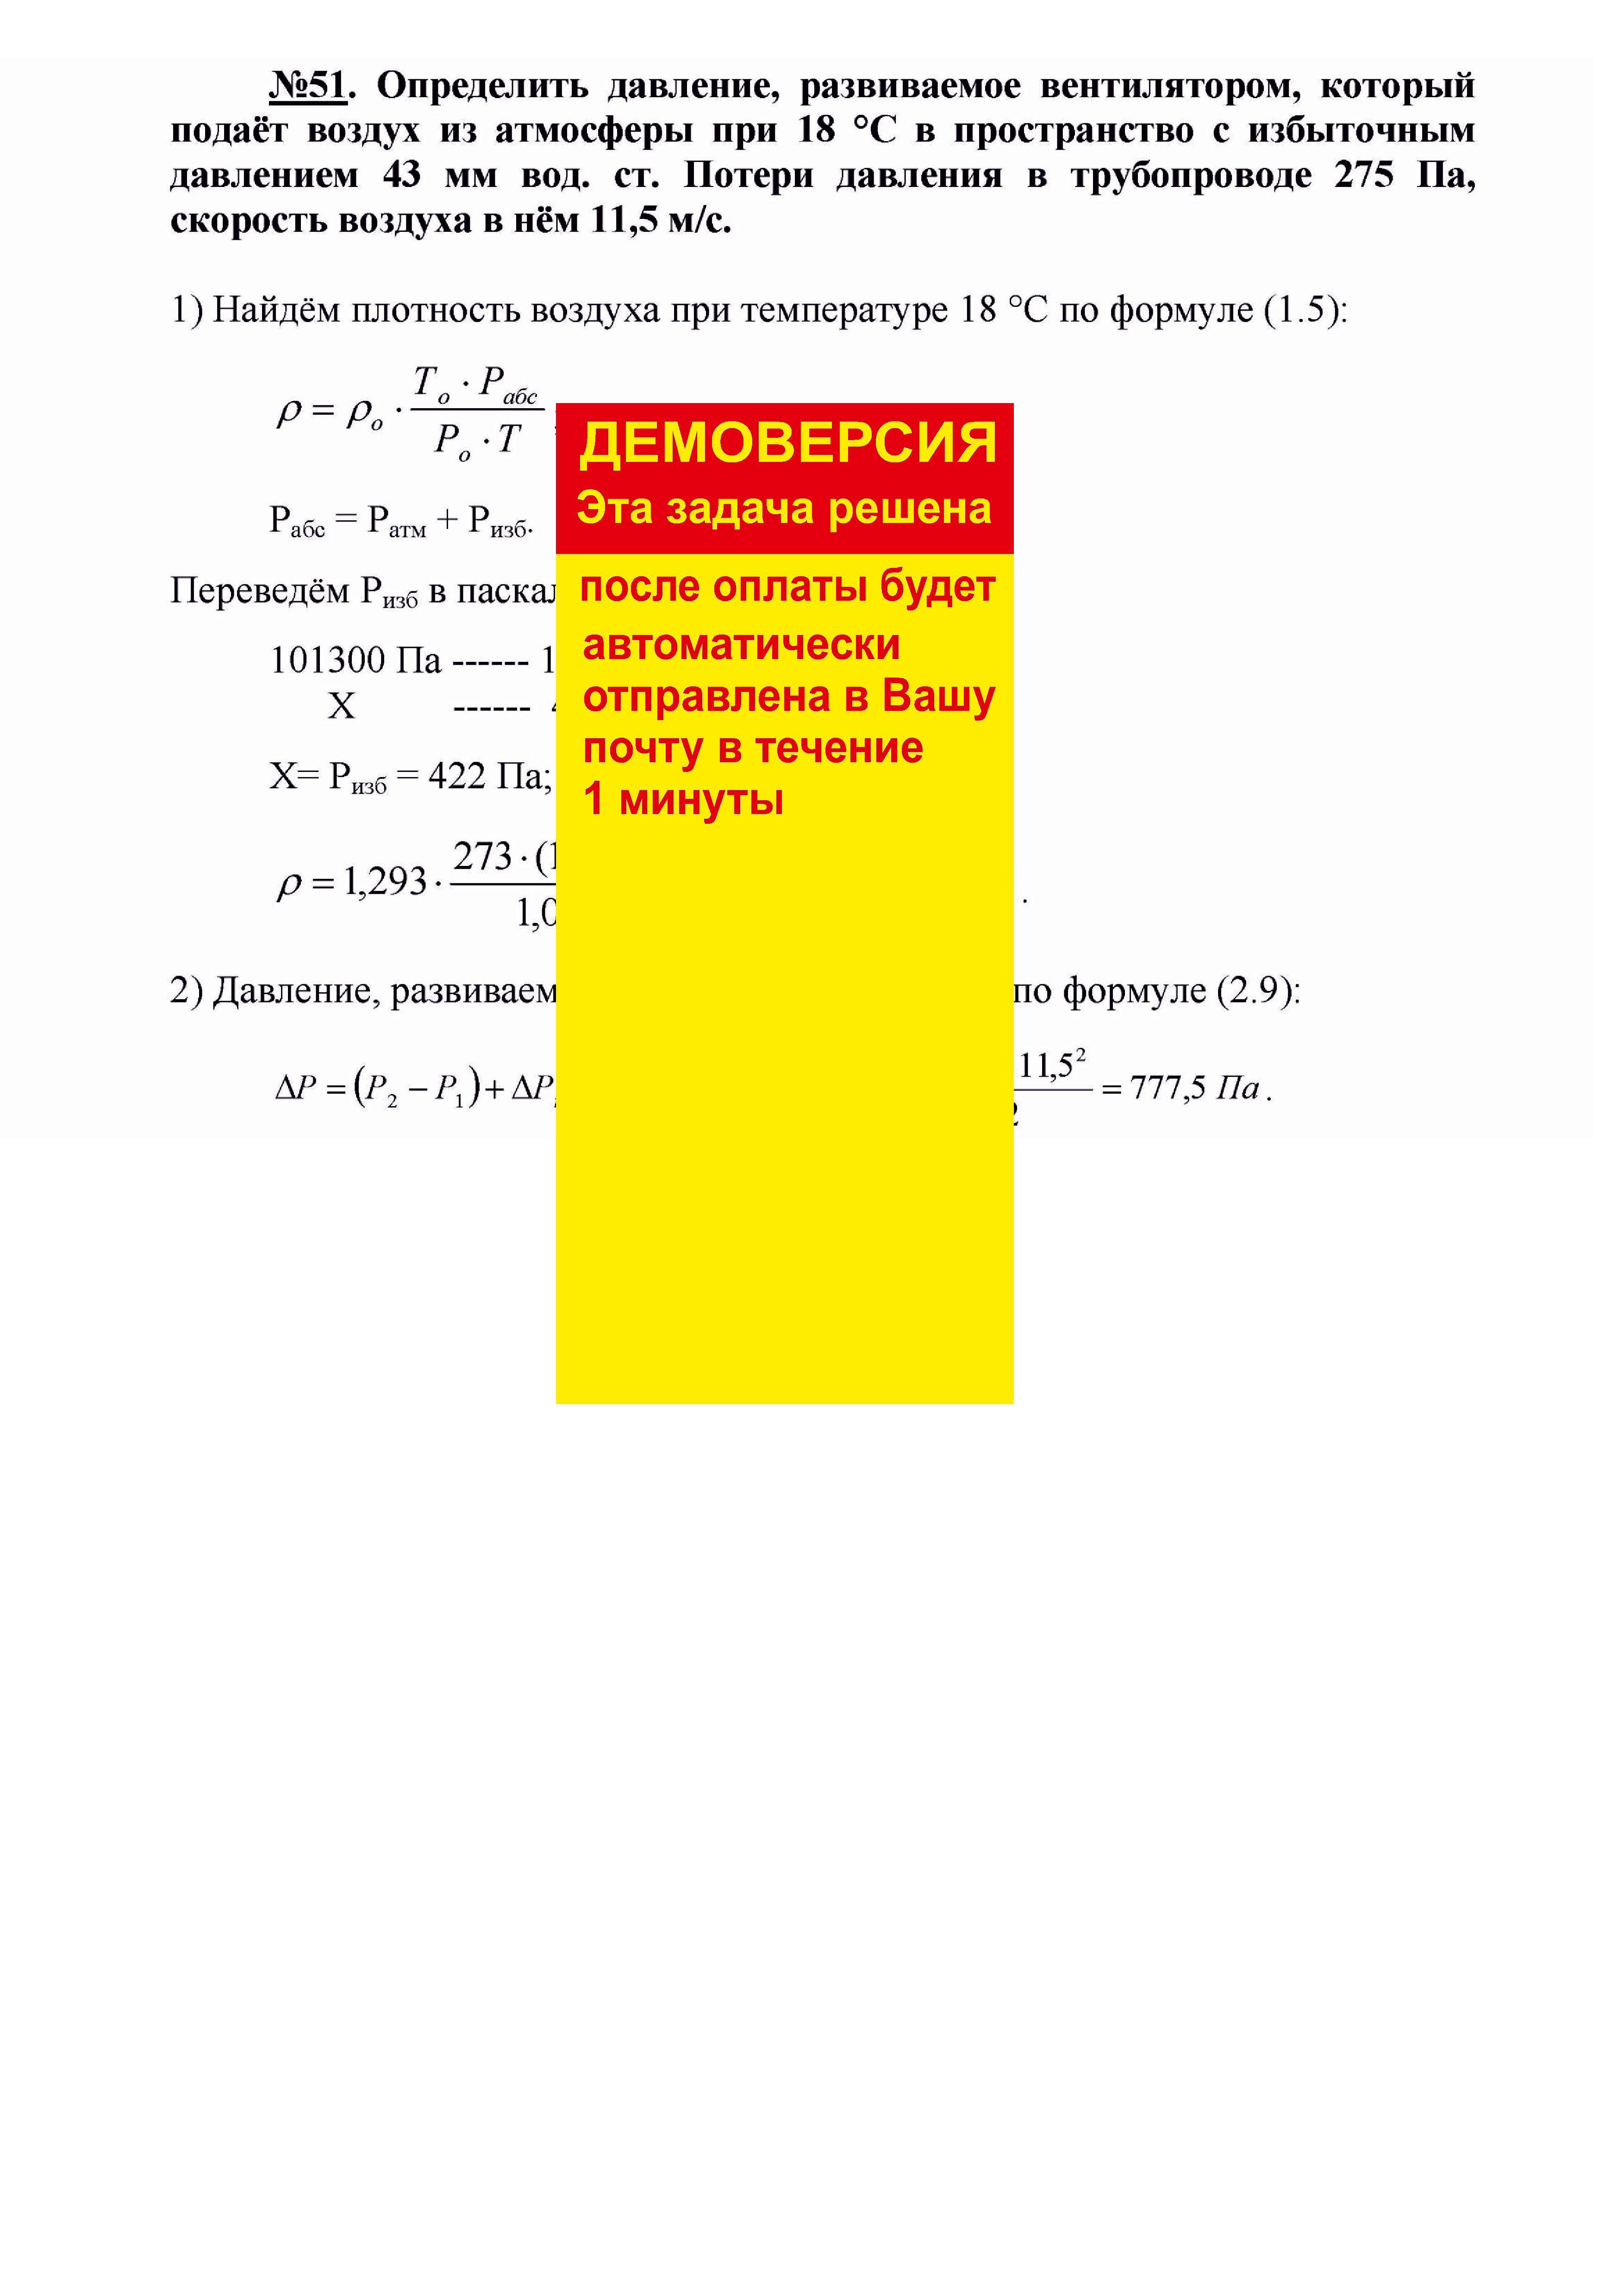 Решение задачи 1.51 по ПАХТ из задачника Павлова Романкова Носкова